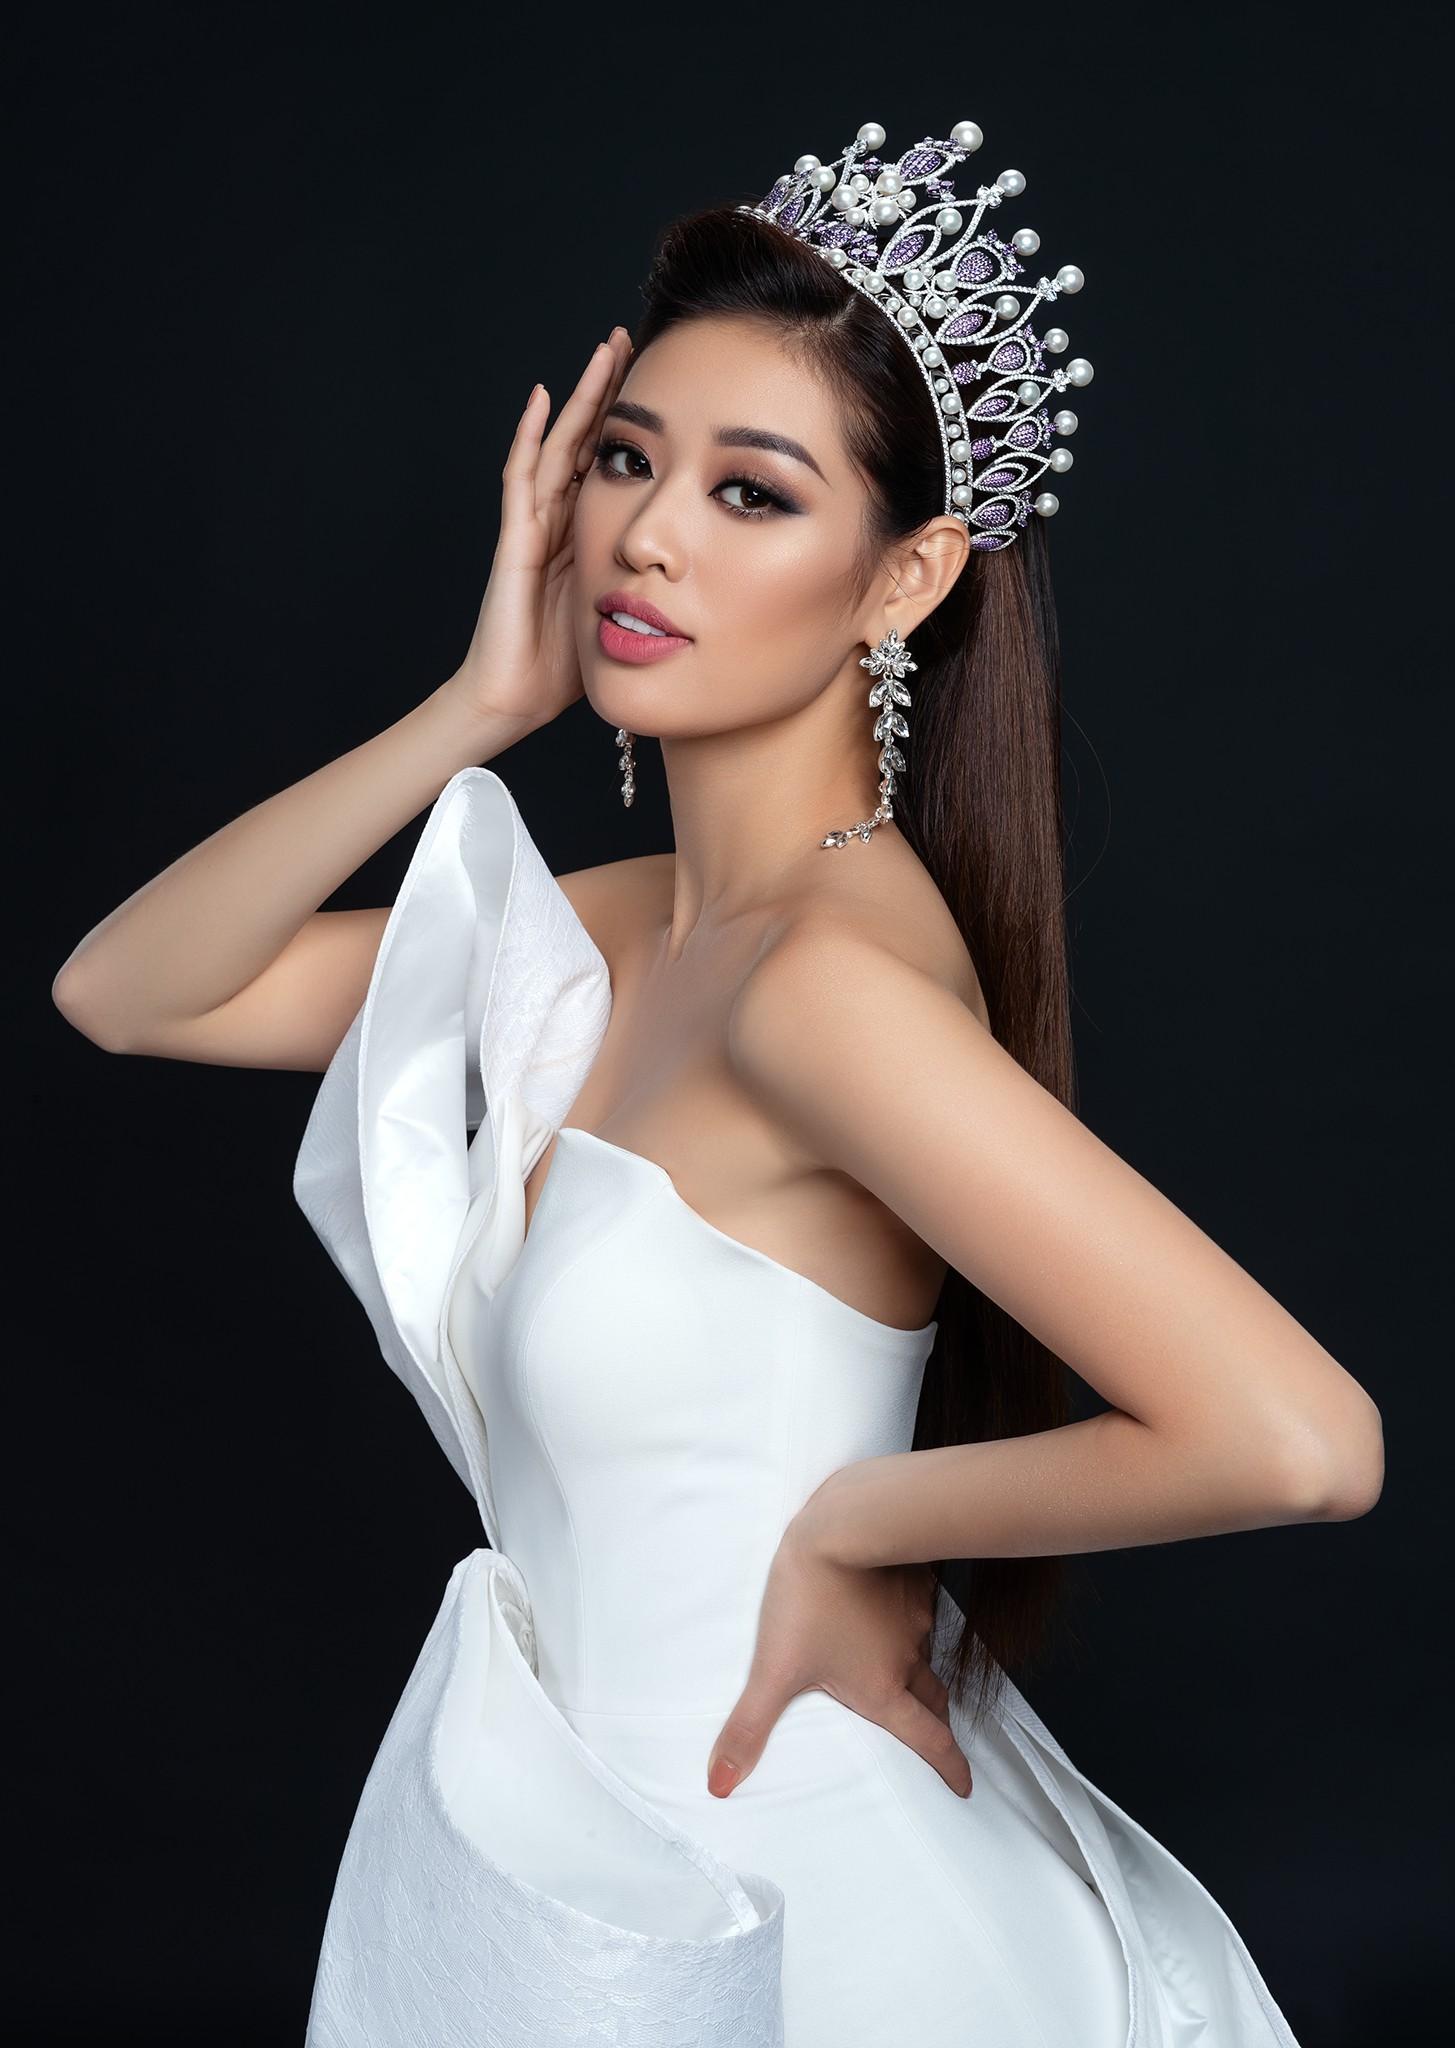 Độc đáo thiết kế trang phục dân tộc cho Khánh Vân thi 'Hoa hậu Hoàn vũ 2020' Ảnh 1